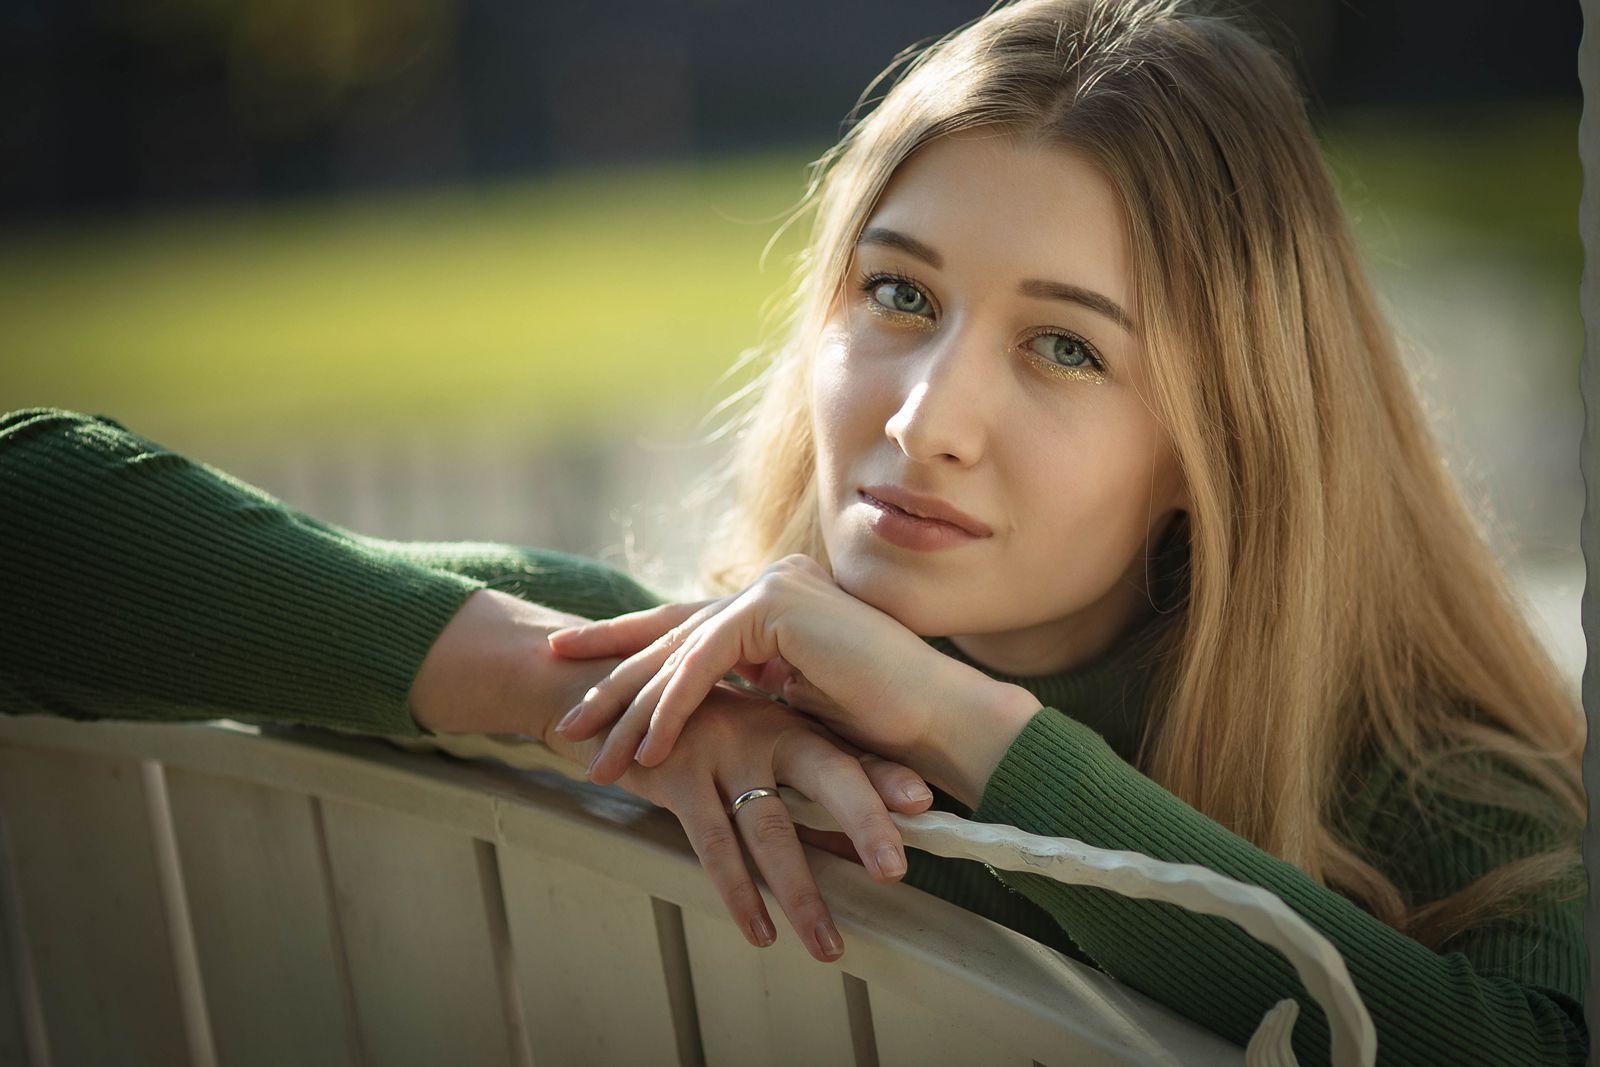 Осенние сюжеты! Девушка длинные волосы солнце осень гламур глаза естественный свет